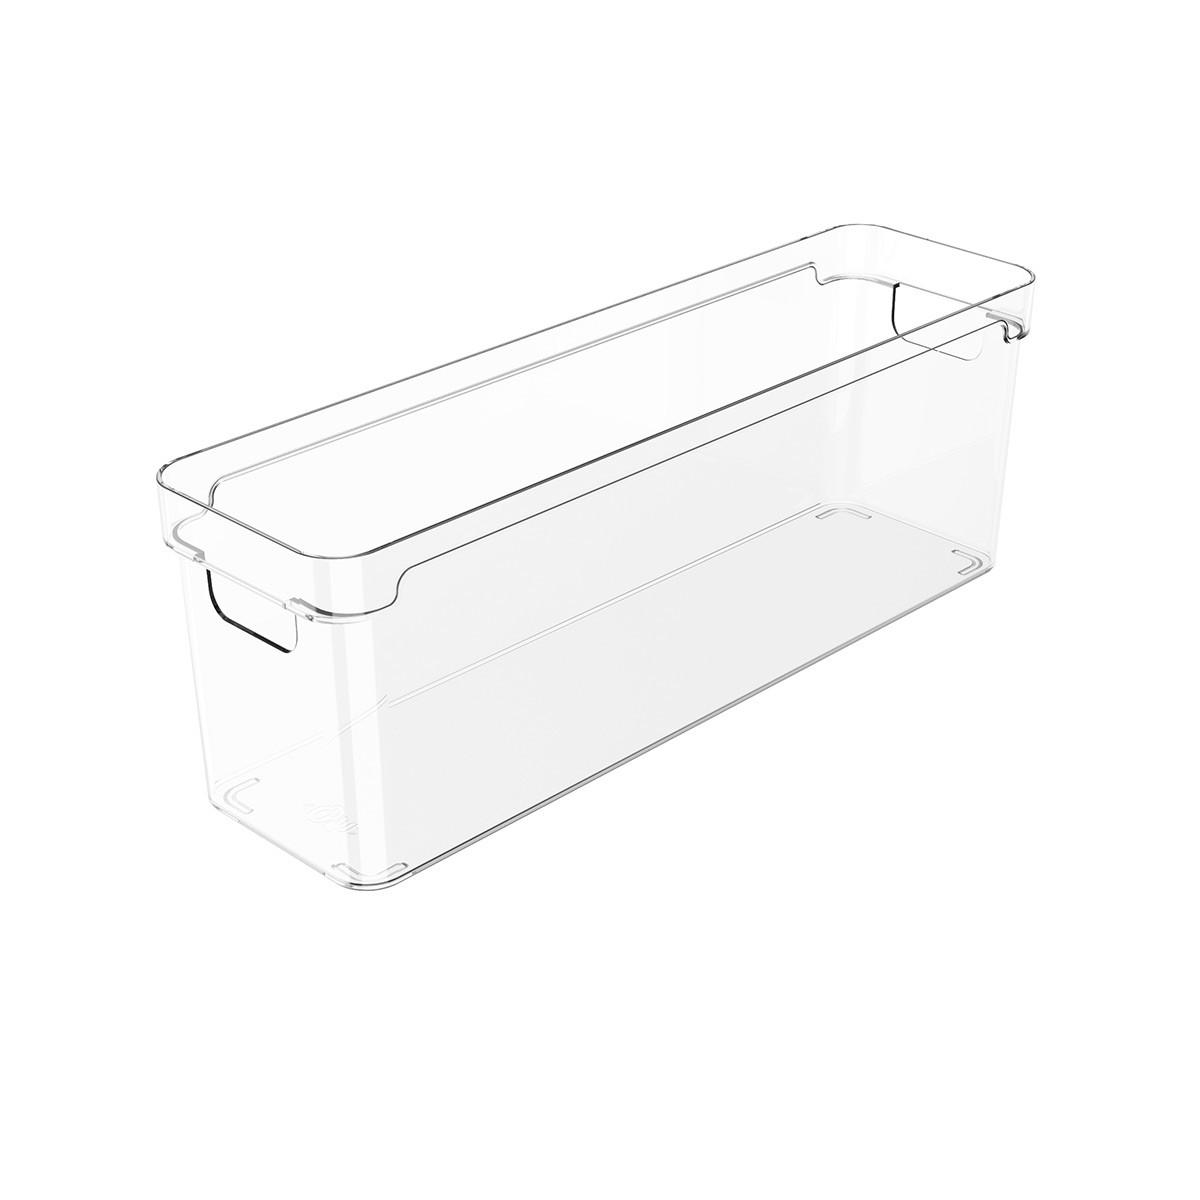 Organizador Clear 37x10x13 cm Transparente - Ou